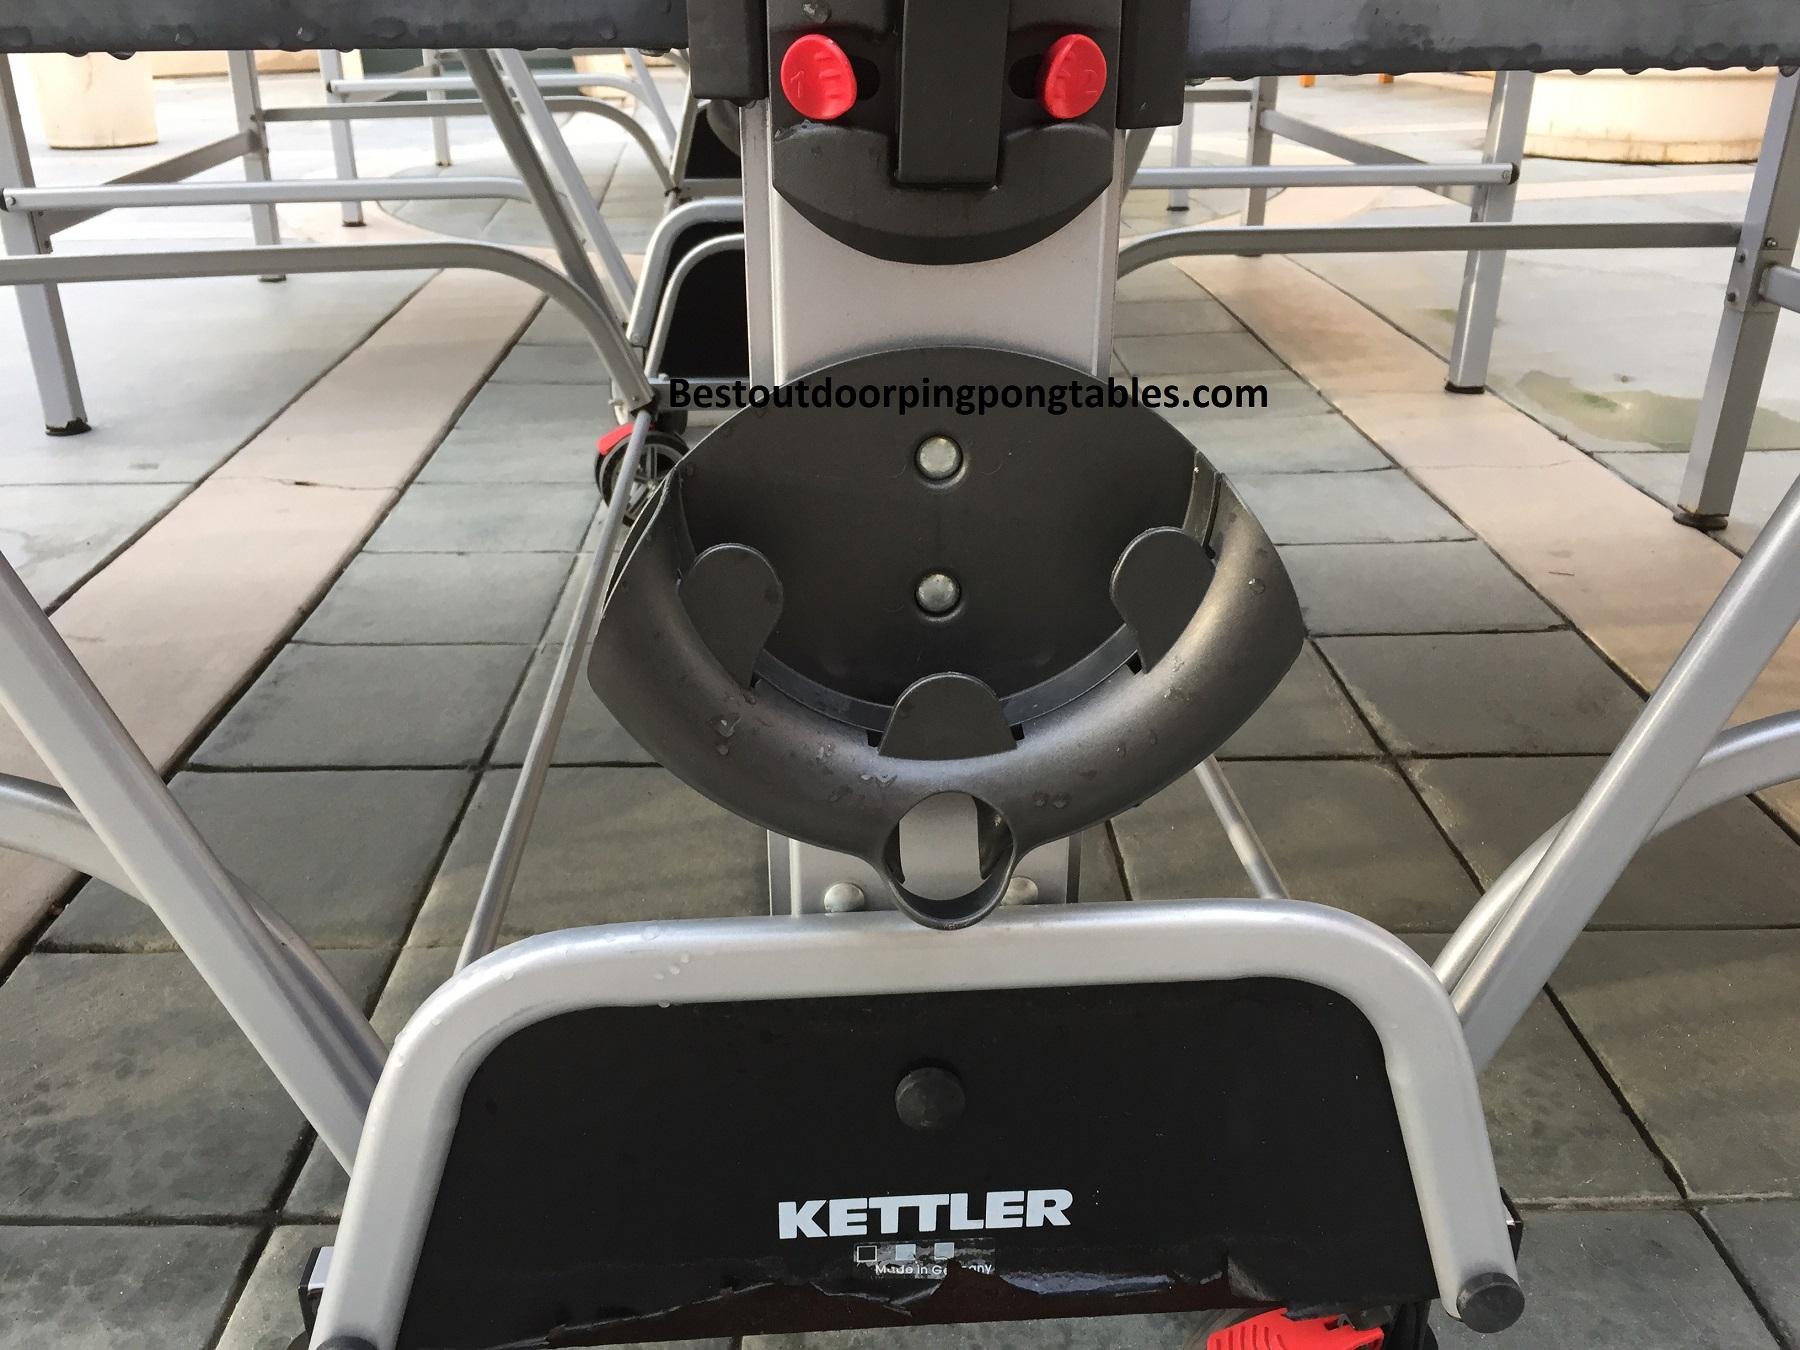 Kettler Master Pro Outdoor